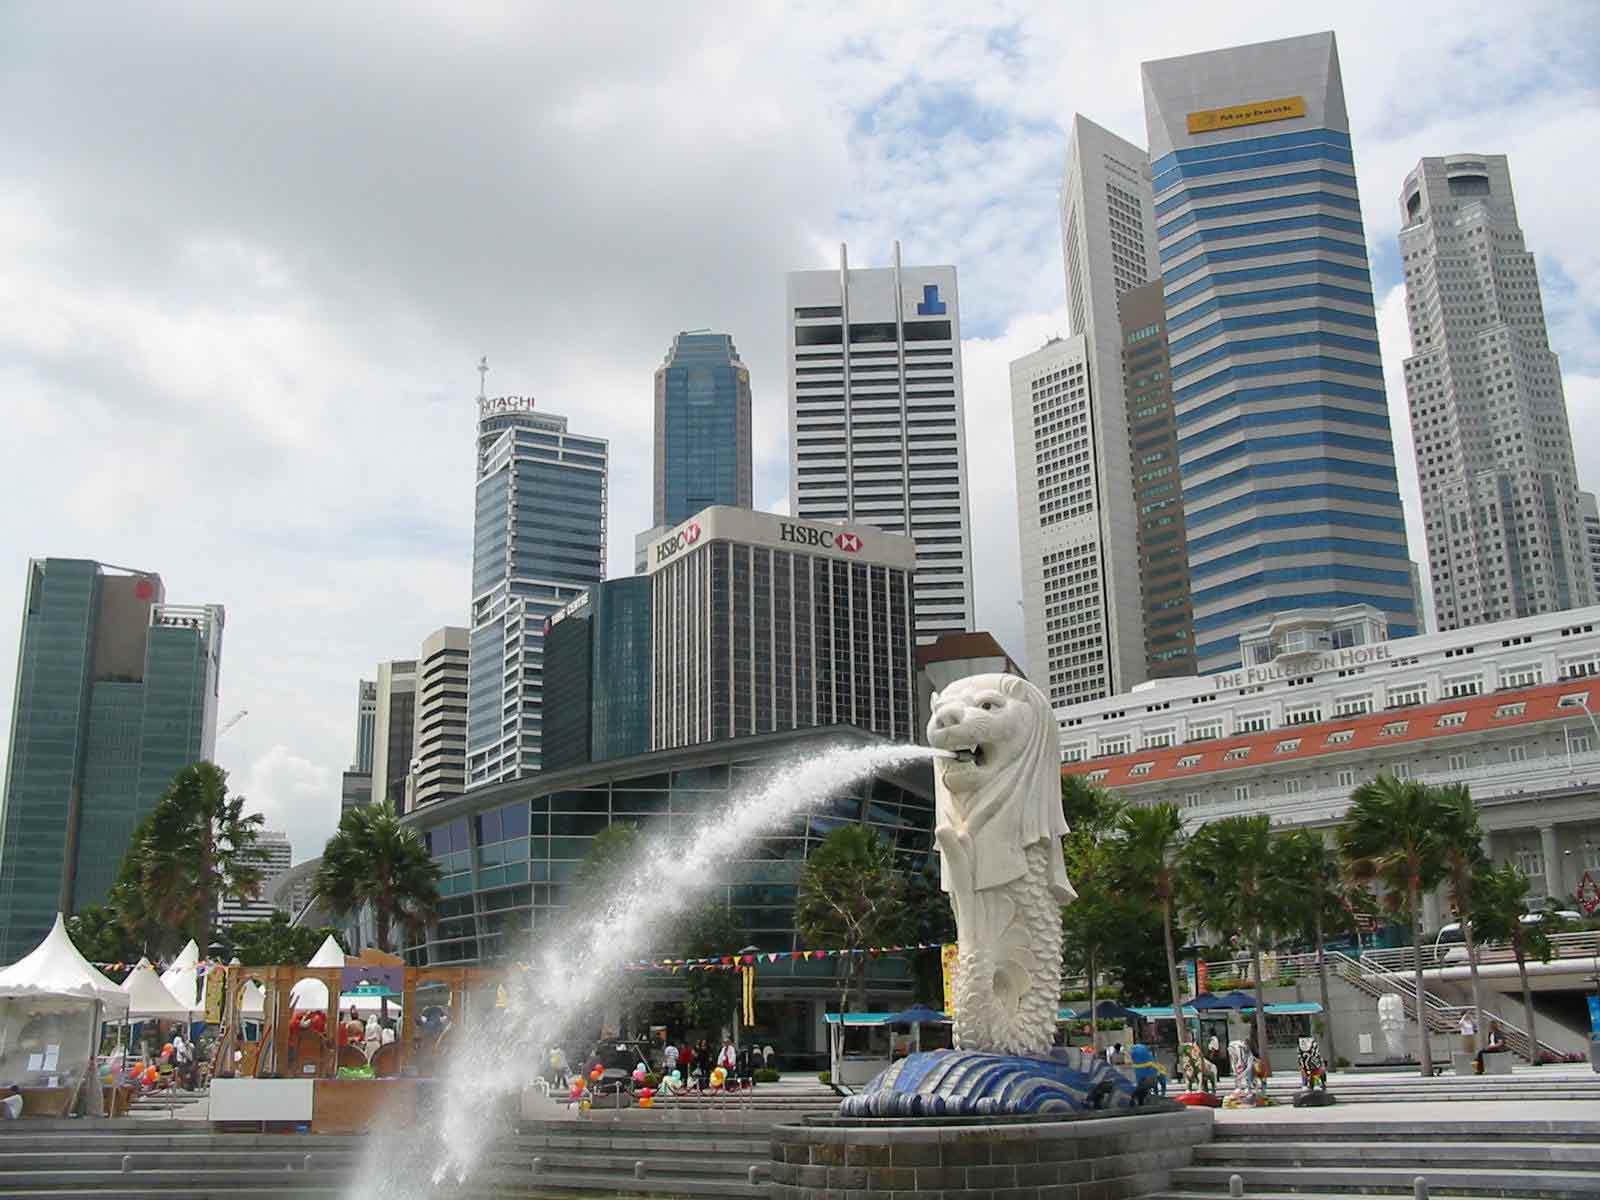 duhoc Singapore